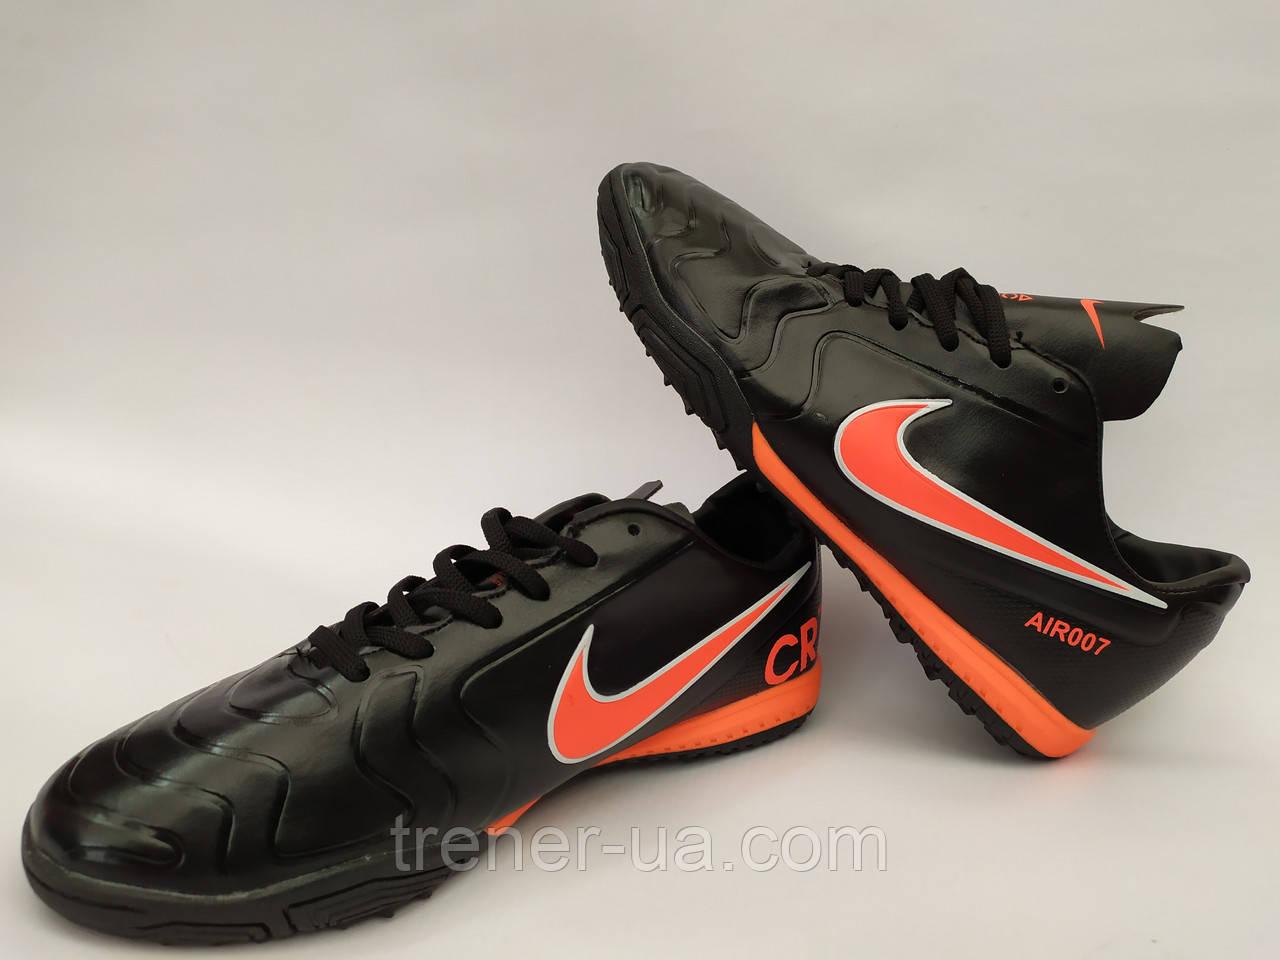 Стоноги підліткові в стилі Nike CR7 чорно-помаранчеві